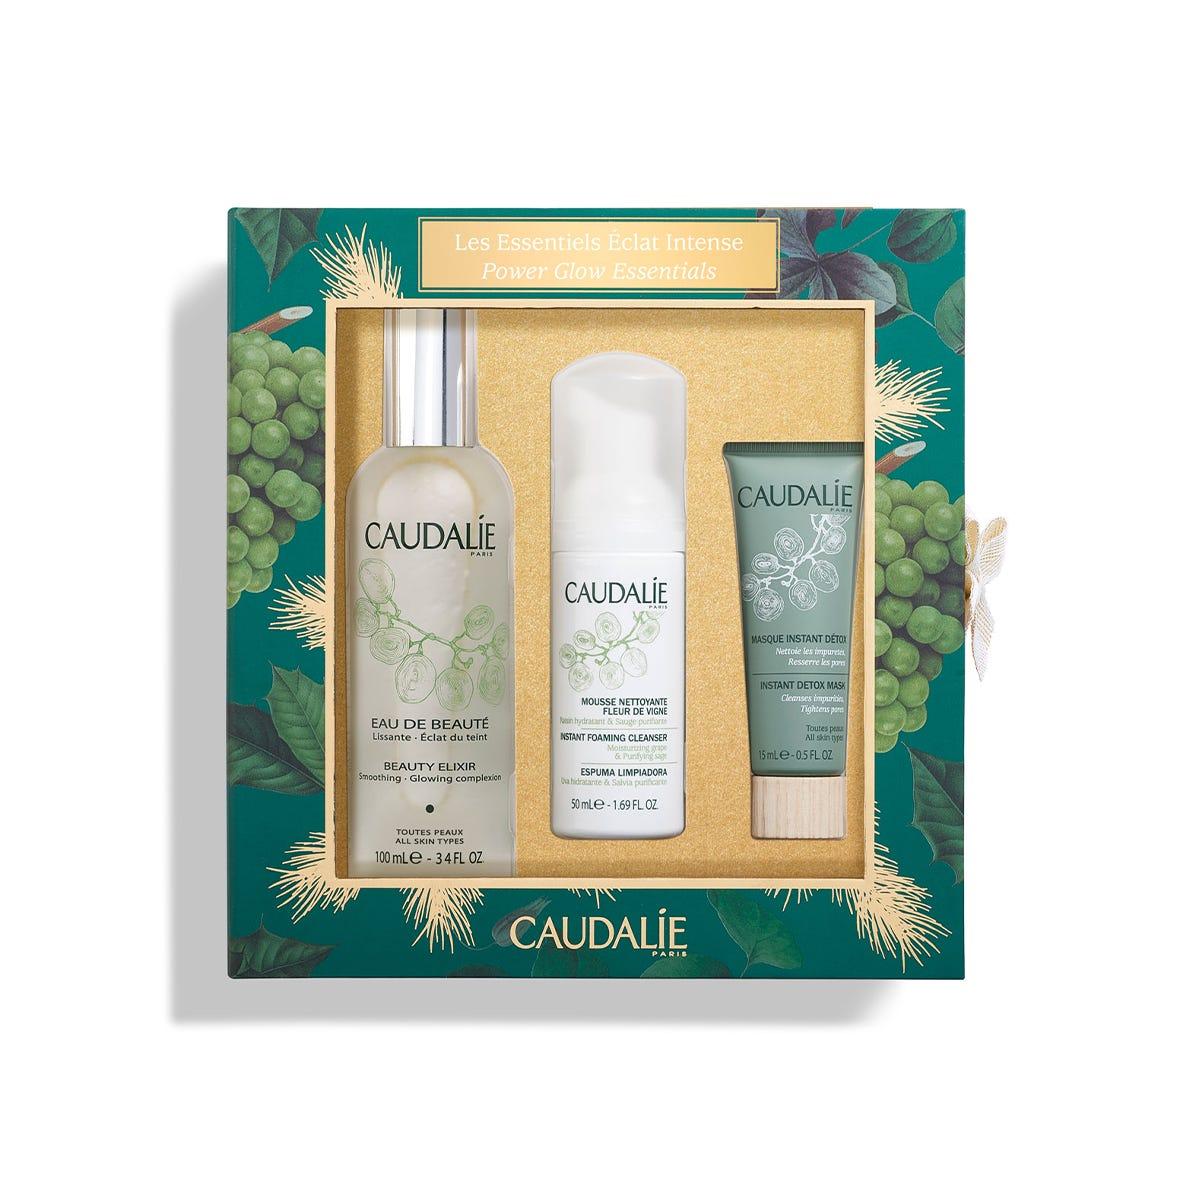 Beauty Elixir Power Glow Essentials